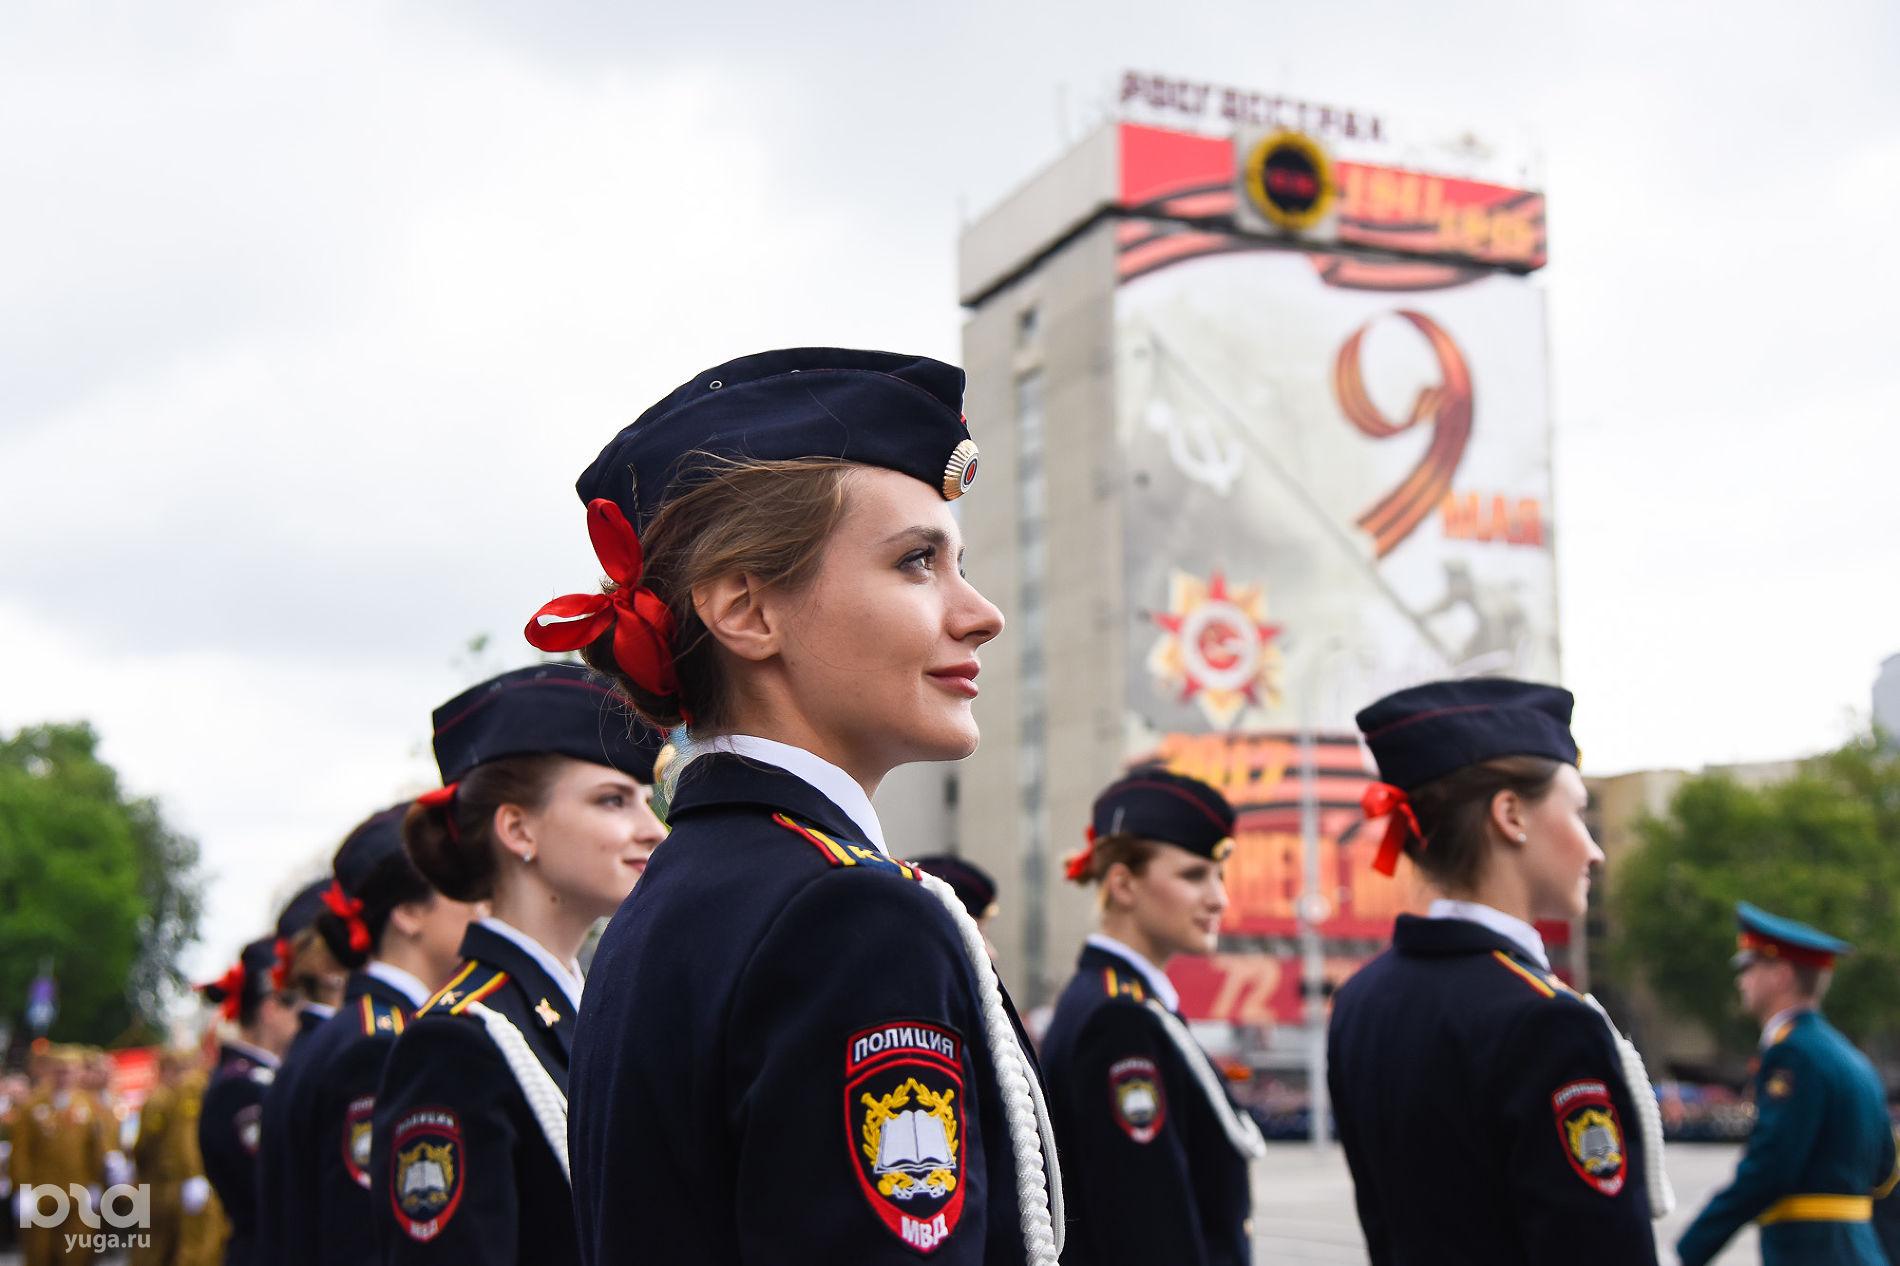 Парад Победы на Главной городской площади (до апреля 2019 года — Театральной) в Краснодаре ©Фото Елены Синеок, Юга.ру